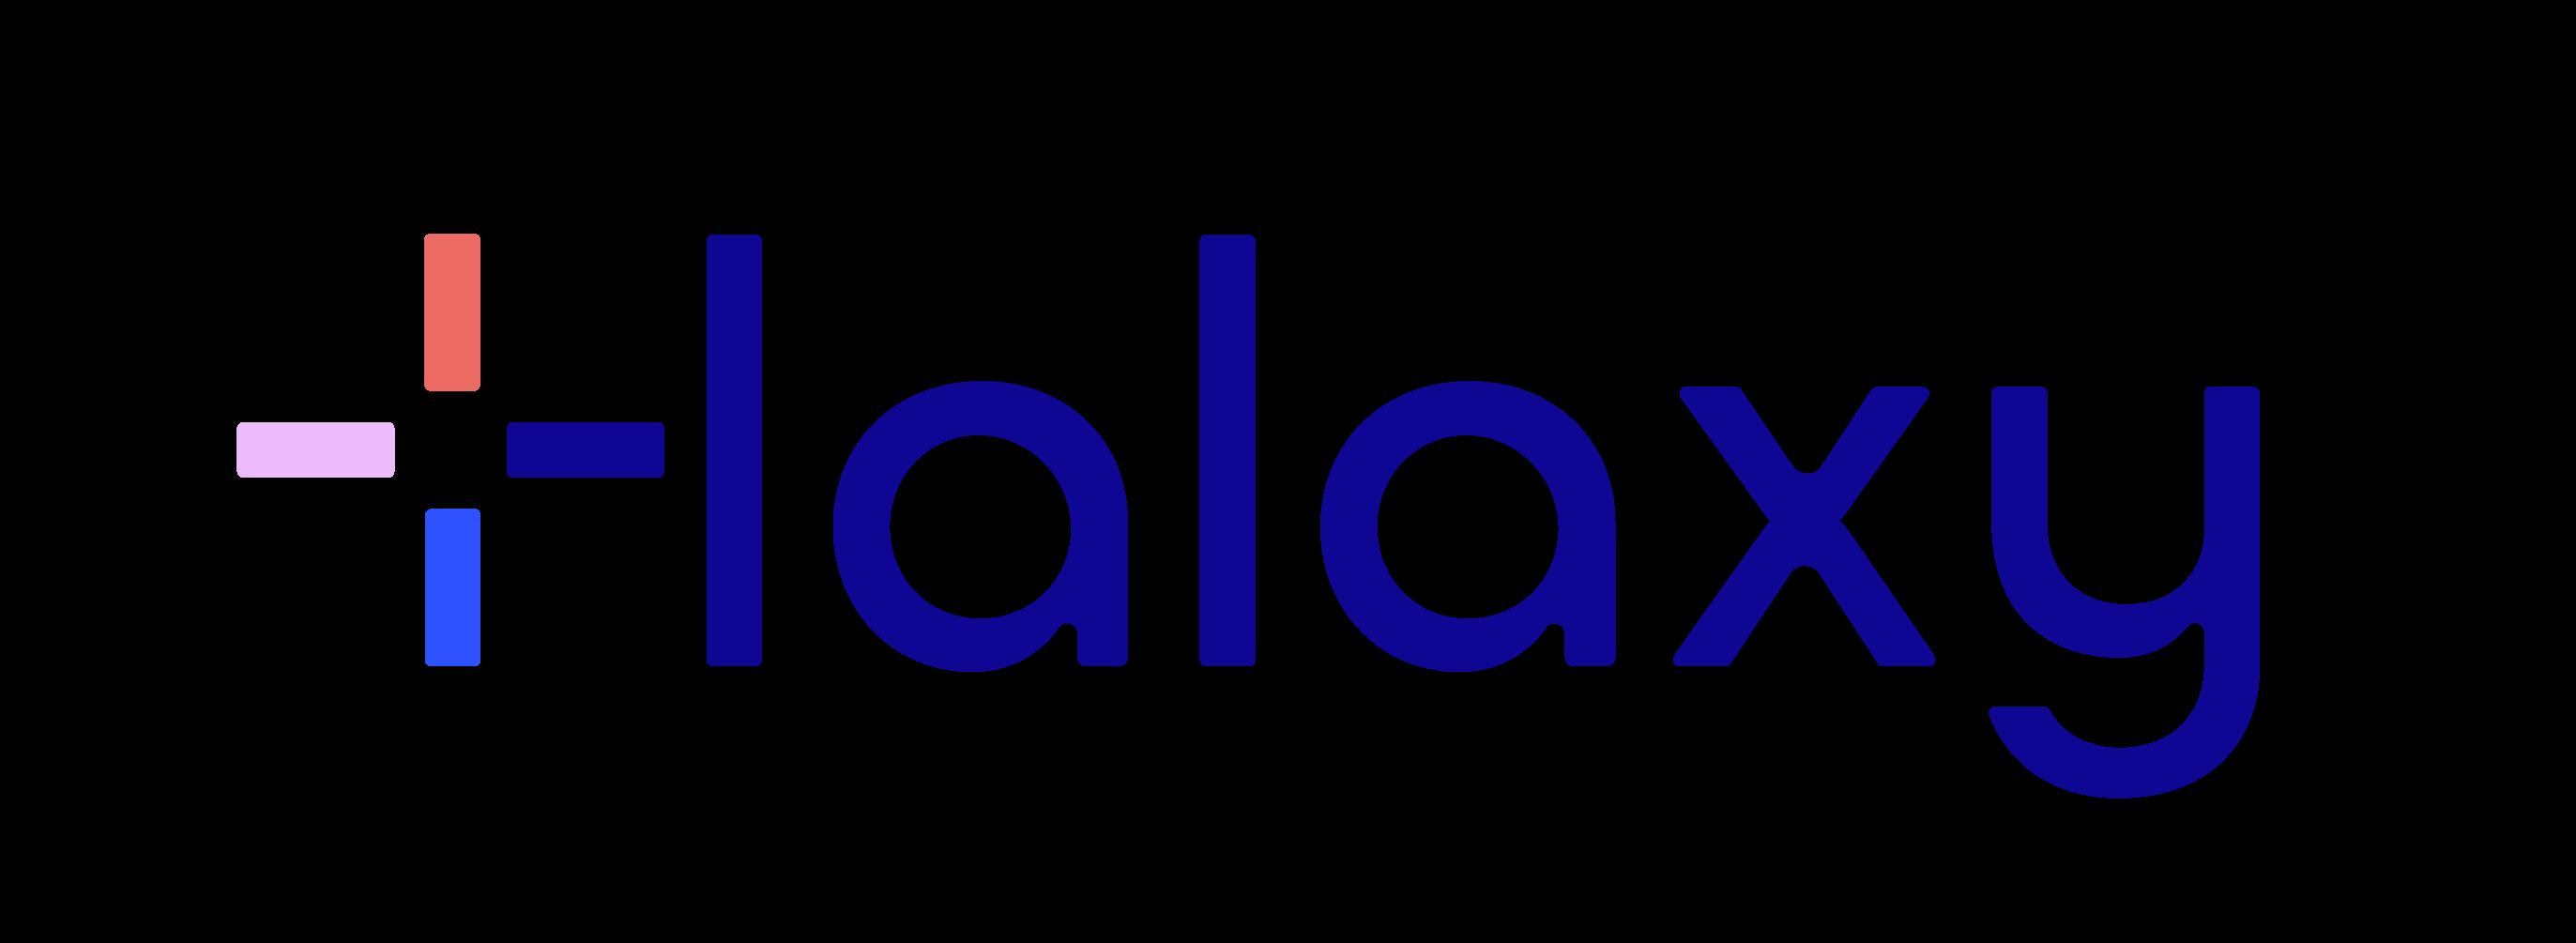 Halaxy logo